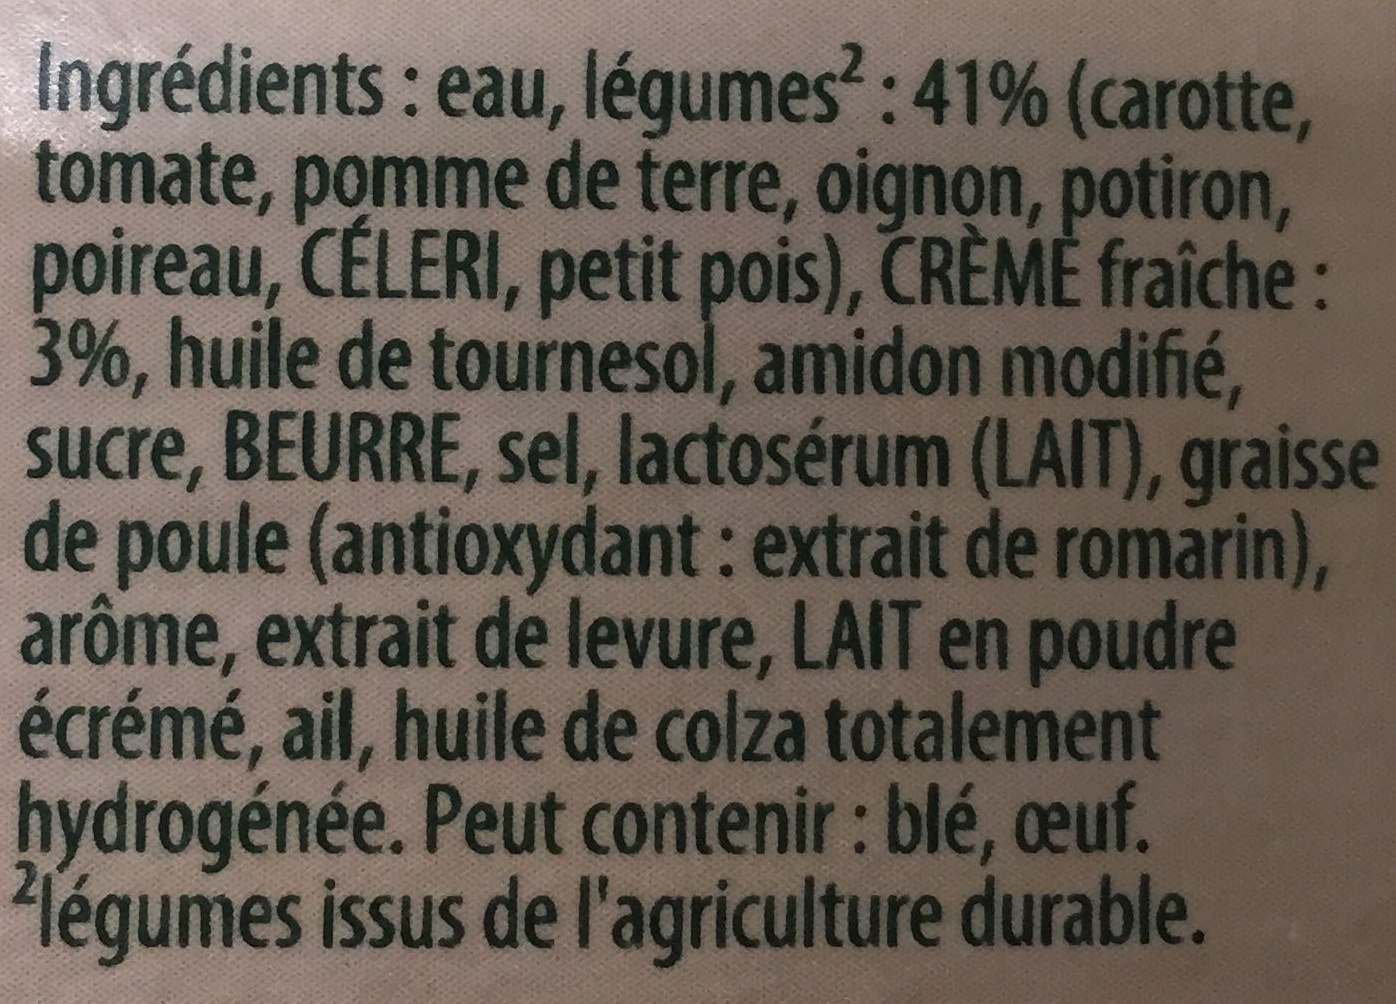 Douceur de 8 légumes à la crème fraîche - Ingredienti - fr